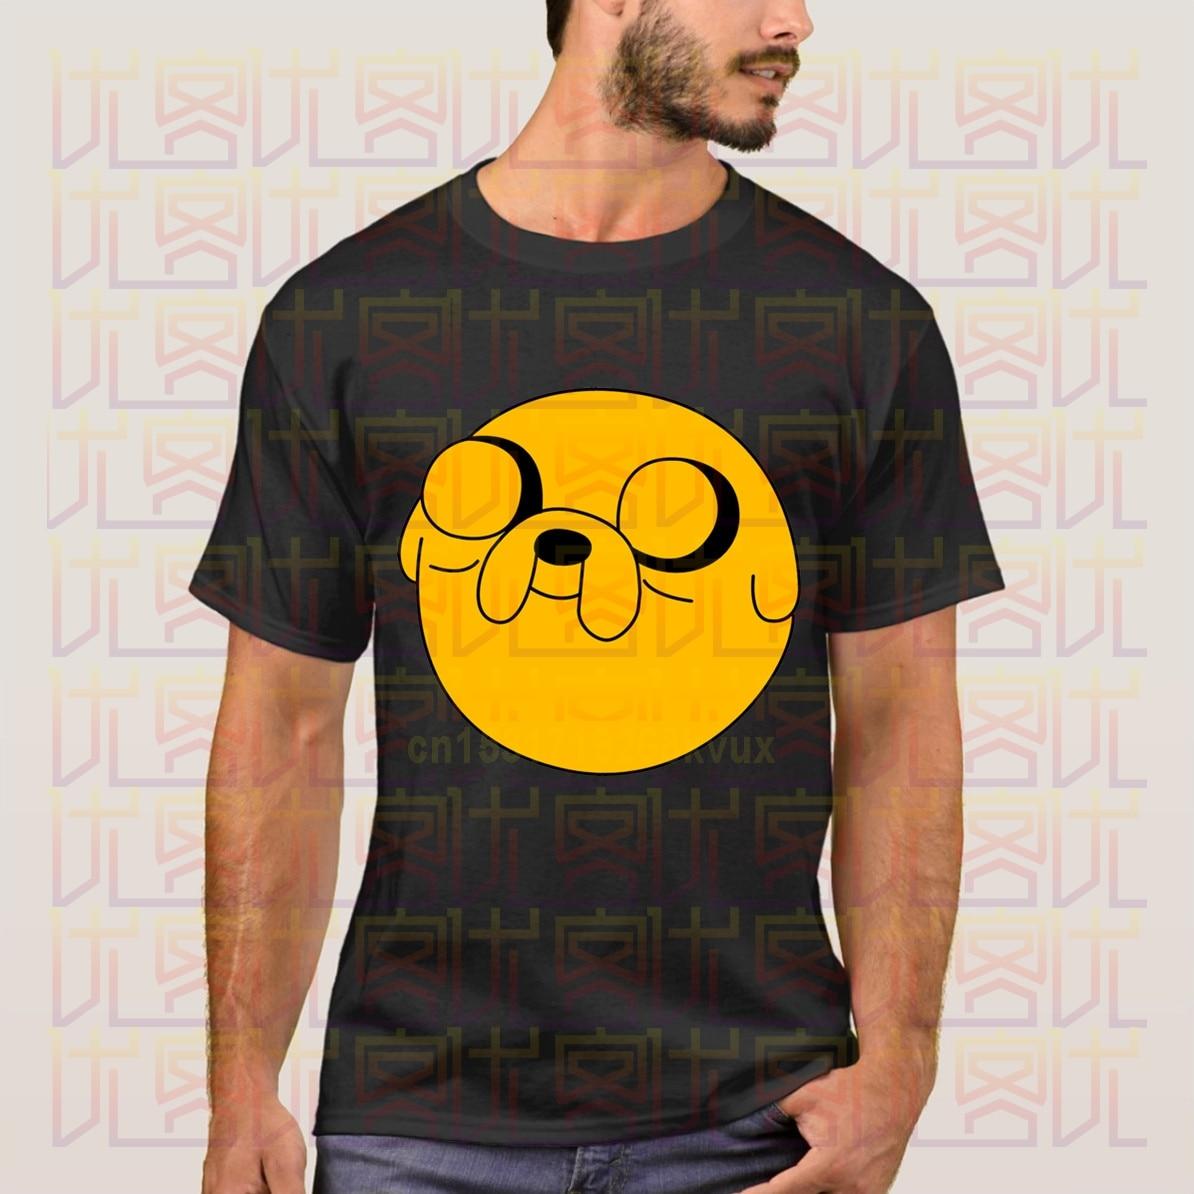 ¡NOVEDAD DE VERANO 2020! Ropa informal de algodón con logotipo de Jake The Dog de 100%, camiseta de regalo para hombre, camisetas S-4XL con estampado de hombres y mujeres